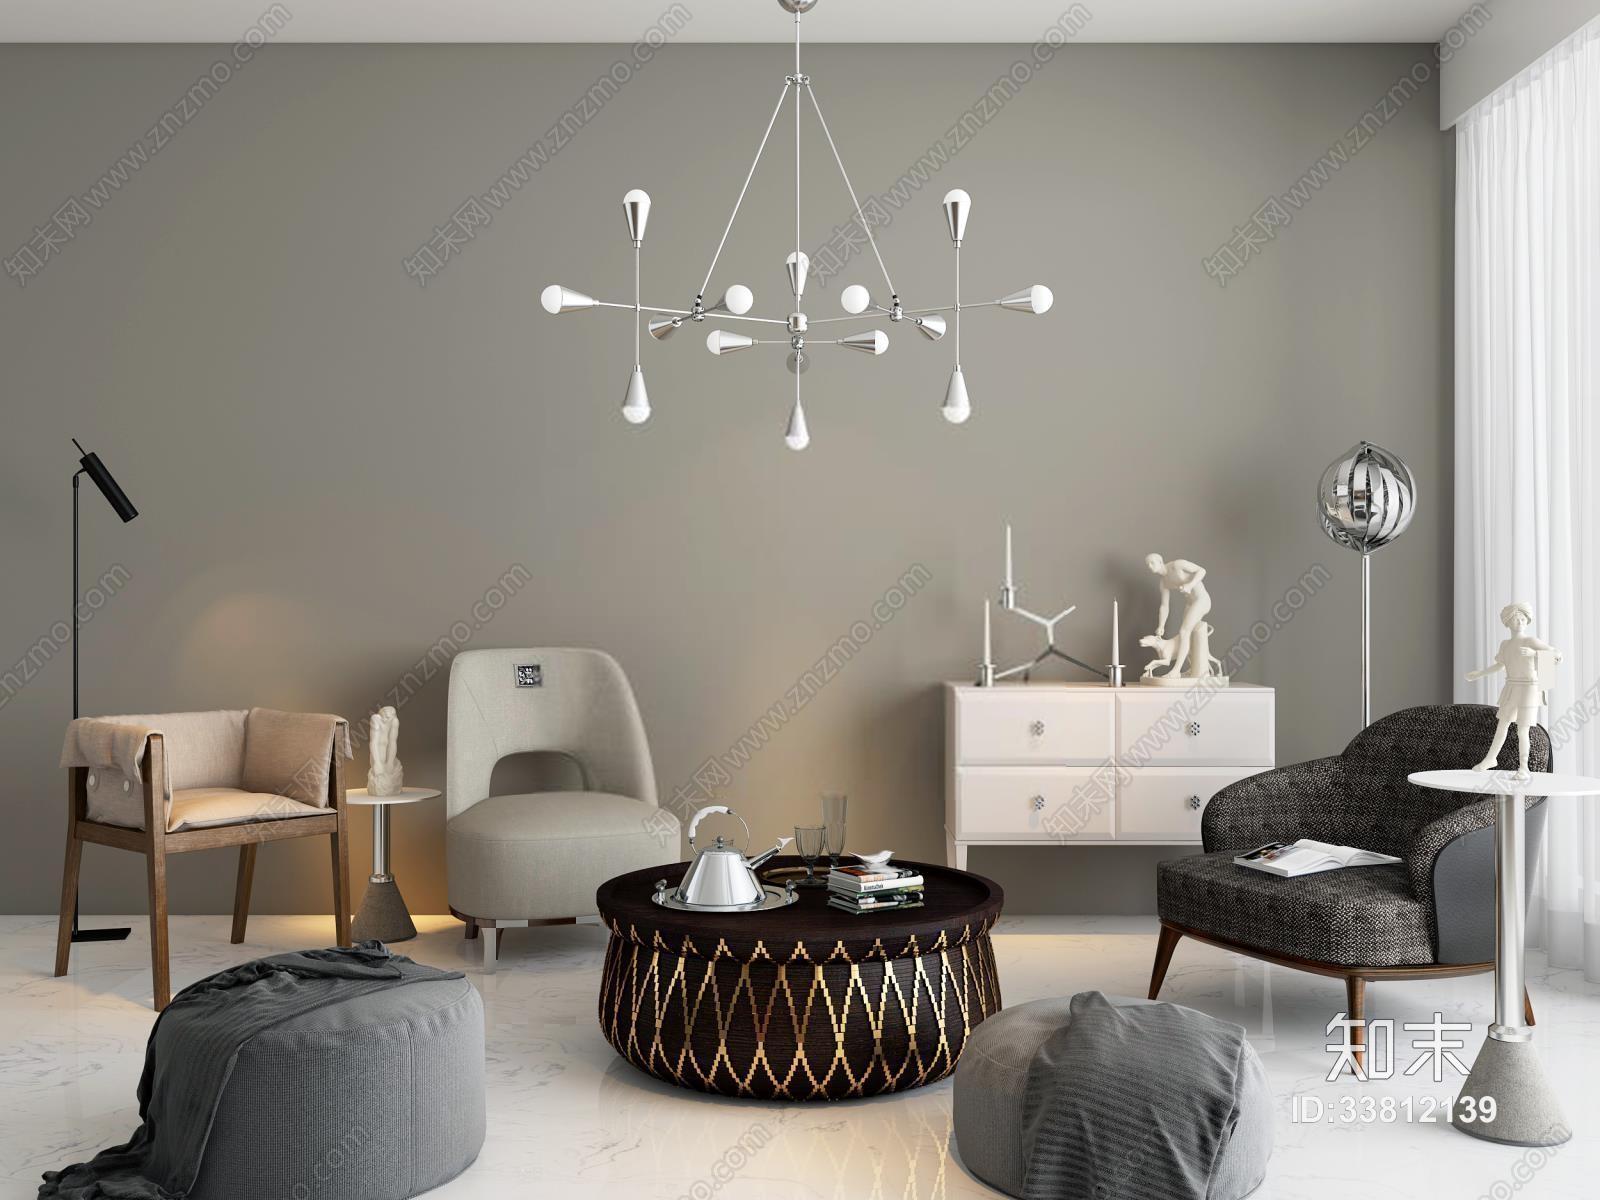 休闲单椅茶几边几组合 现代茶几 休闲椅 单椅 边几 沙发椅 吊灯 茶壶 沙发凳